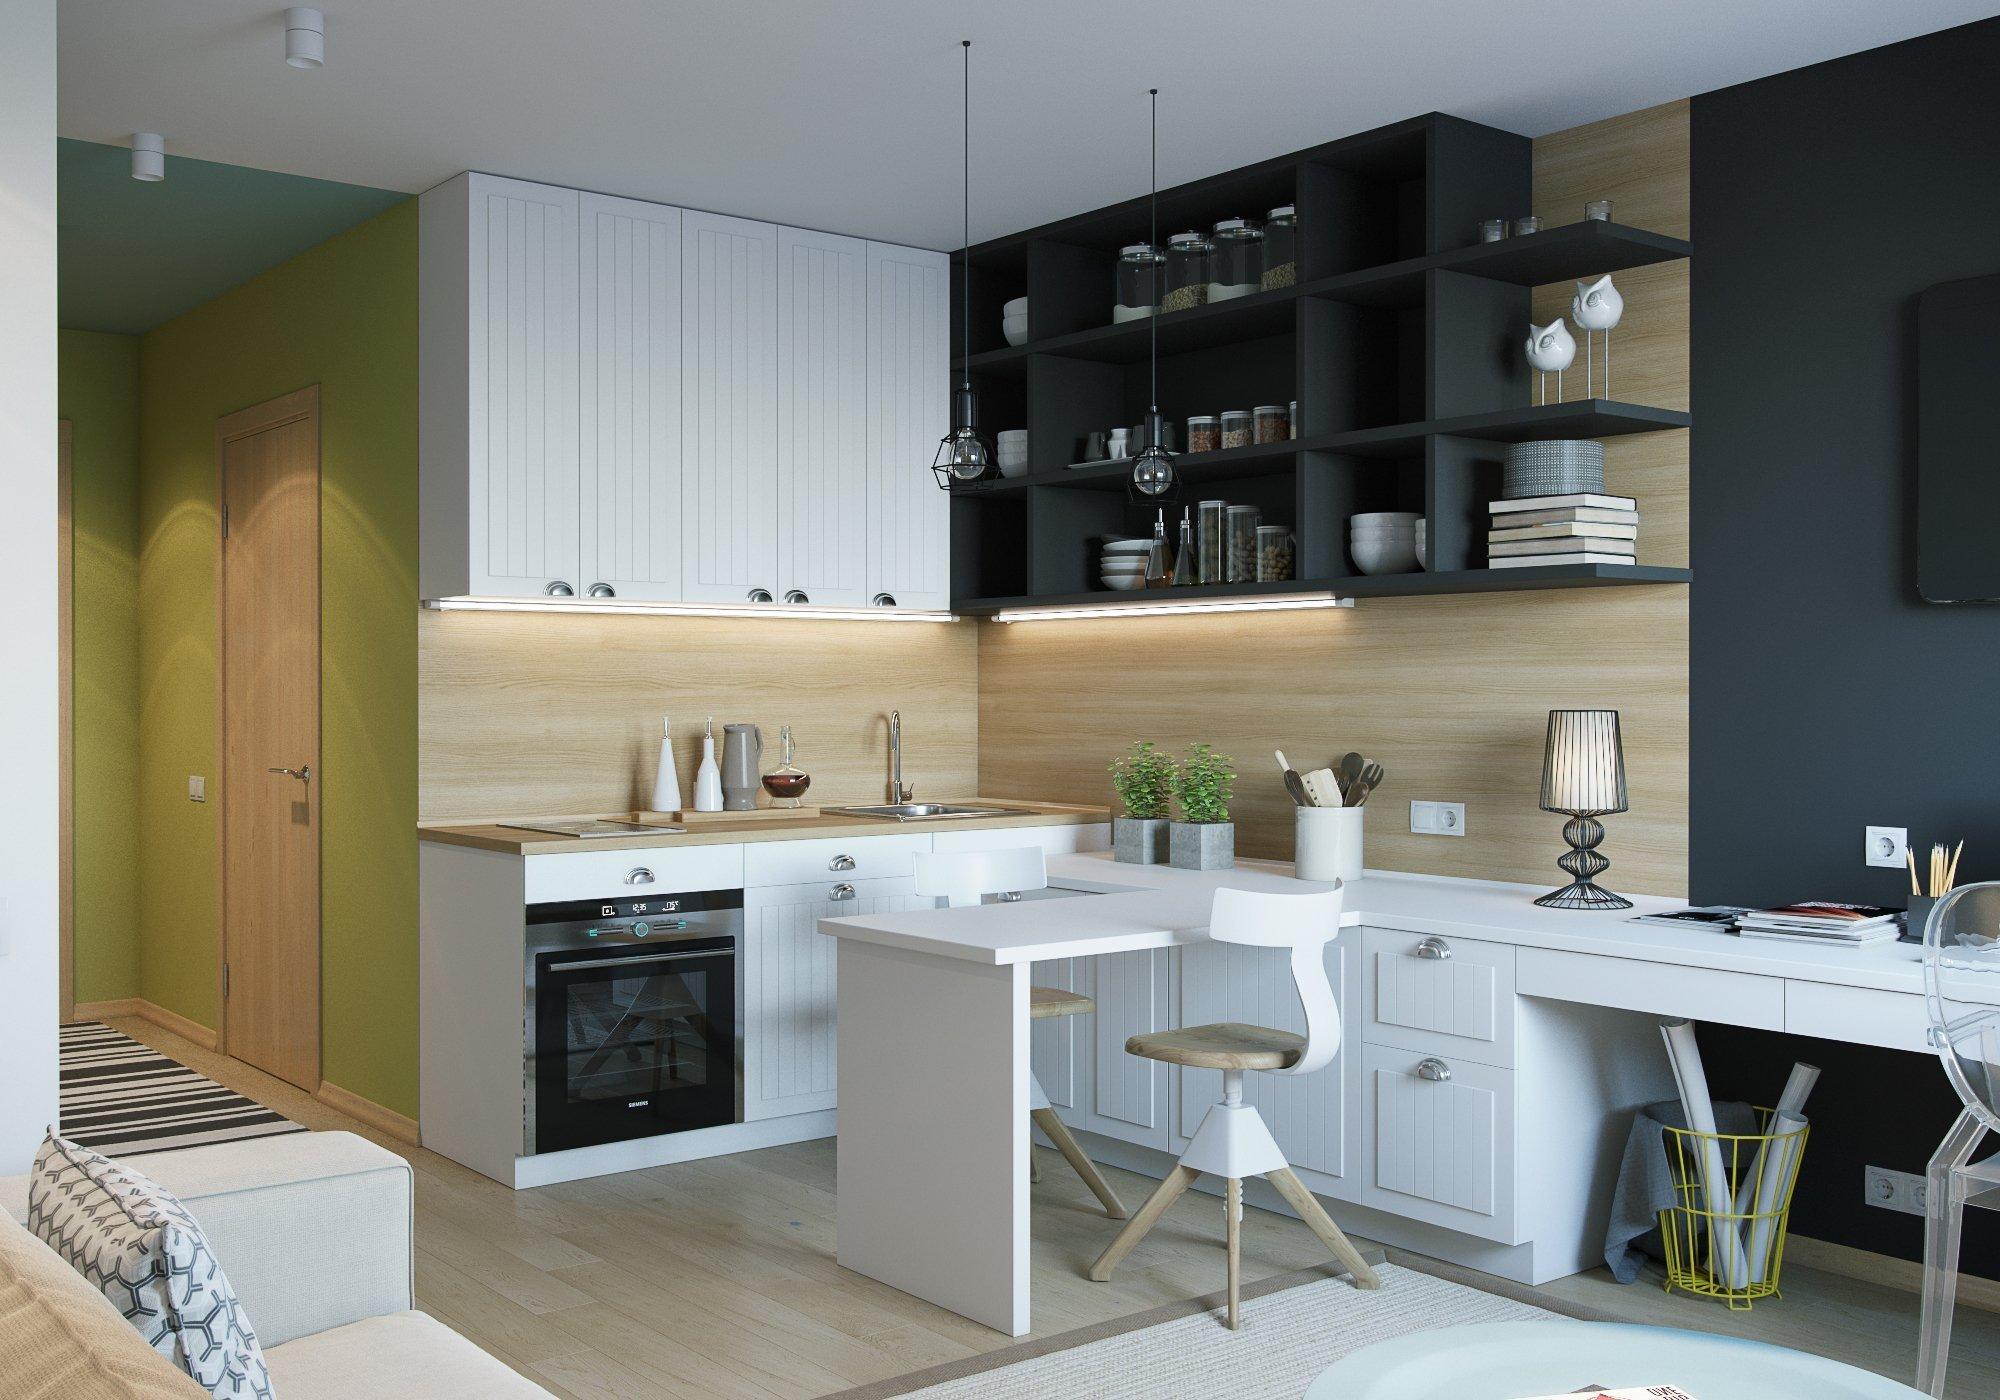 První bydlení mladých lidí bývají zpravidla malé byty nebo garsonky. Ovšem i málo prostoru dokáže poskytnout veškeré zázemí ke komfortnímu bydlení včetně dostatečného úložného prostoru.